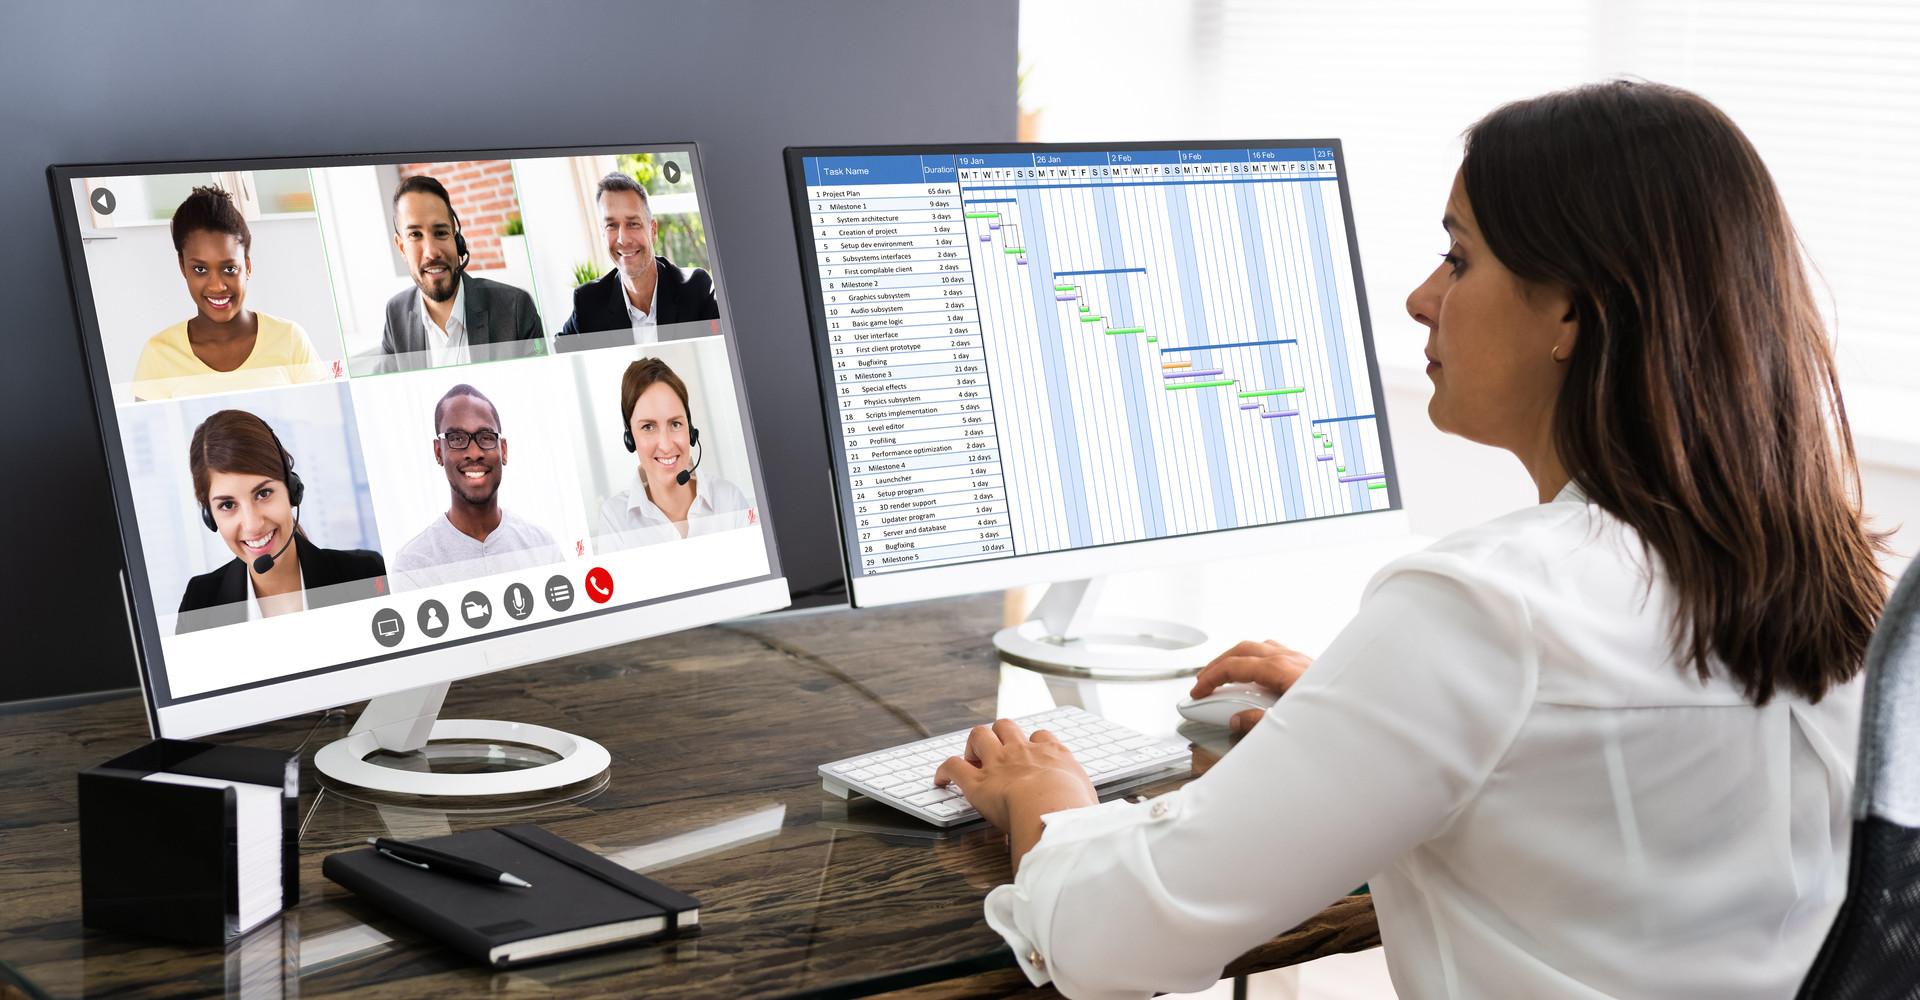 Eine Frau nimmt an einer Videokonferenz teil.